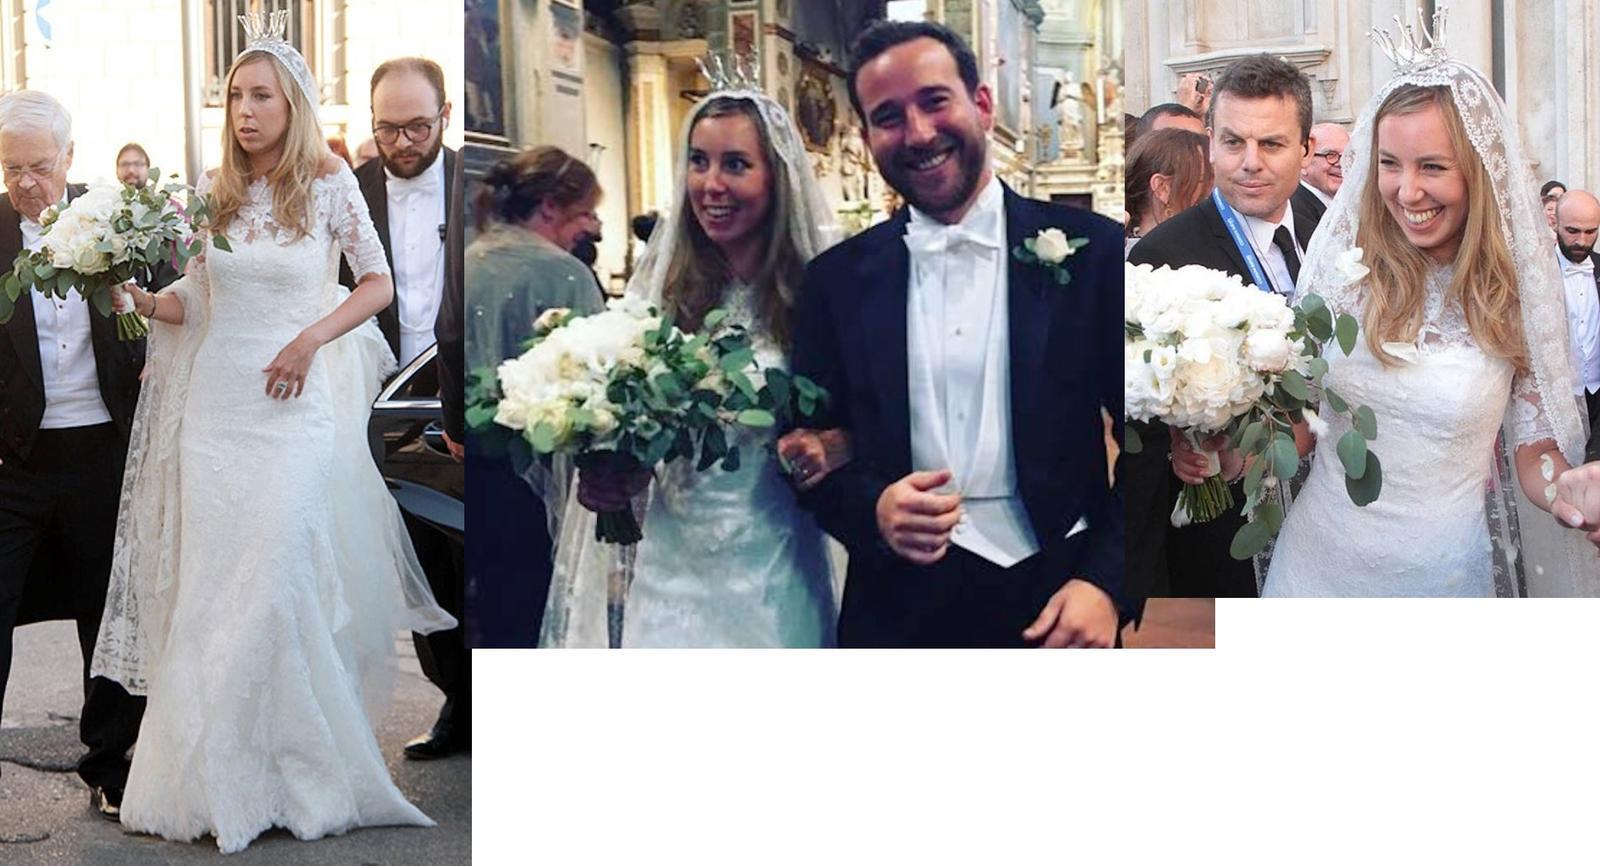 Kráľovské svadby - 8. júl 2017 / Astrid Bernadotte zo švédska + Filippo Bruti Liberati